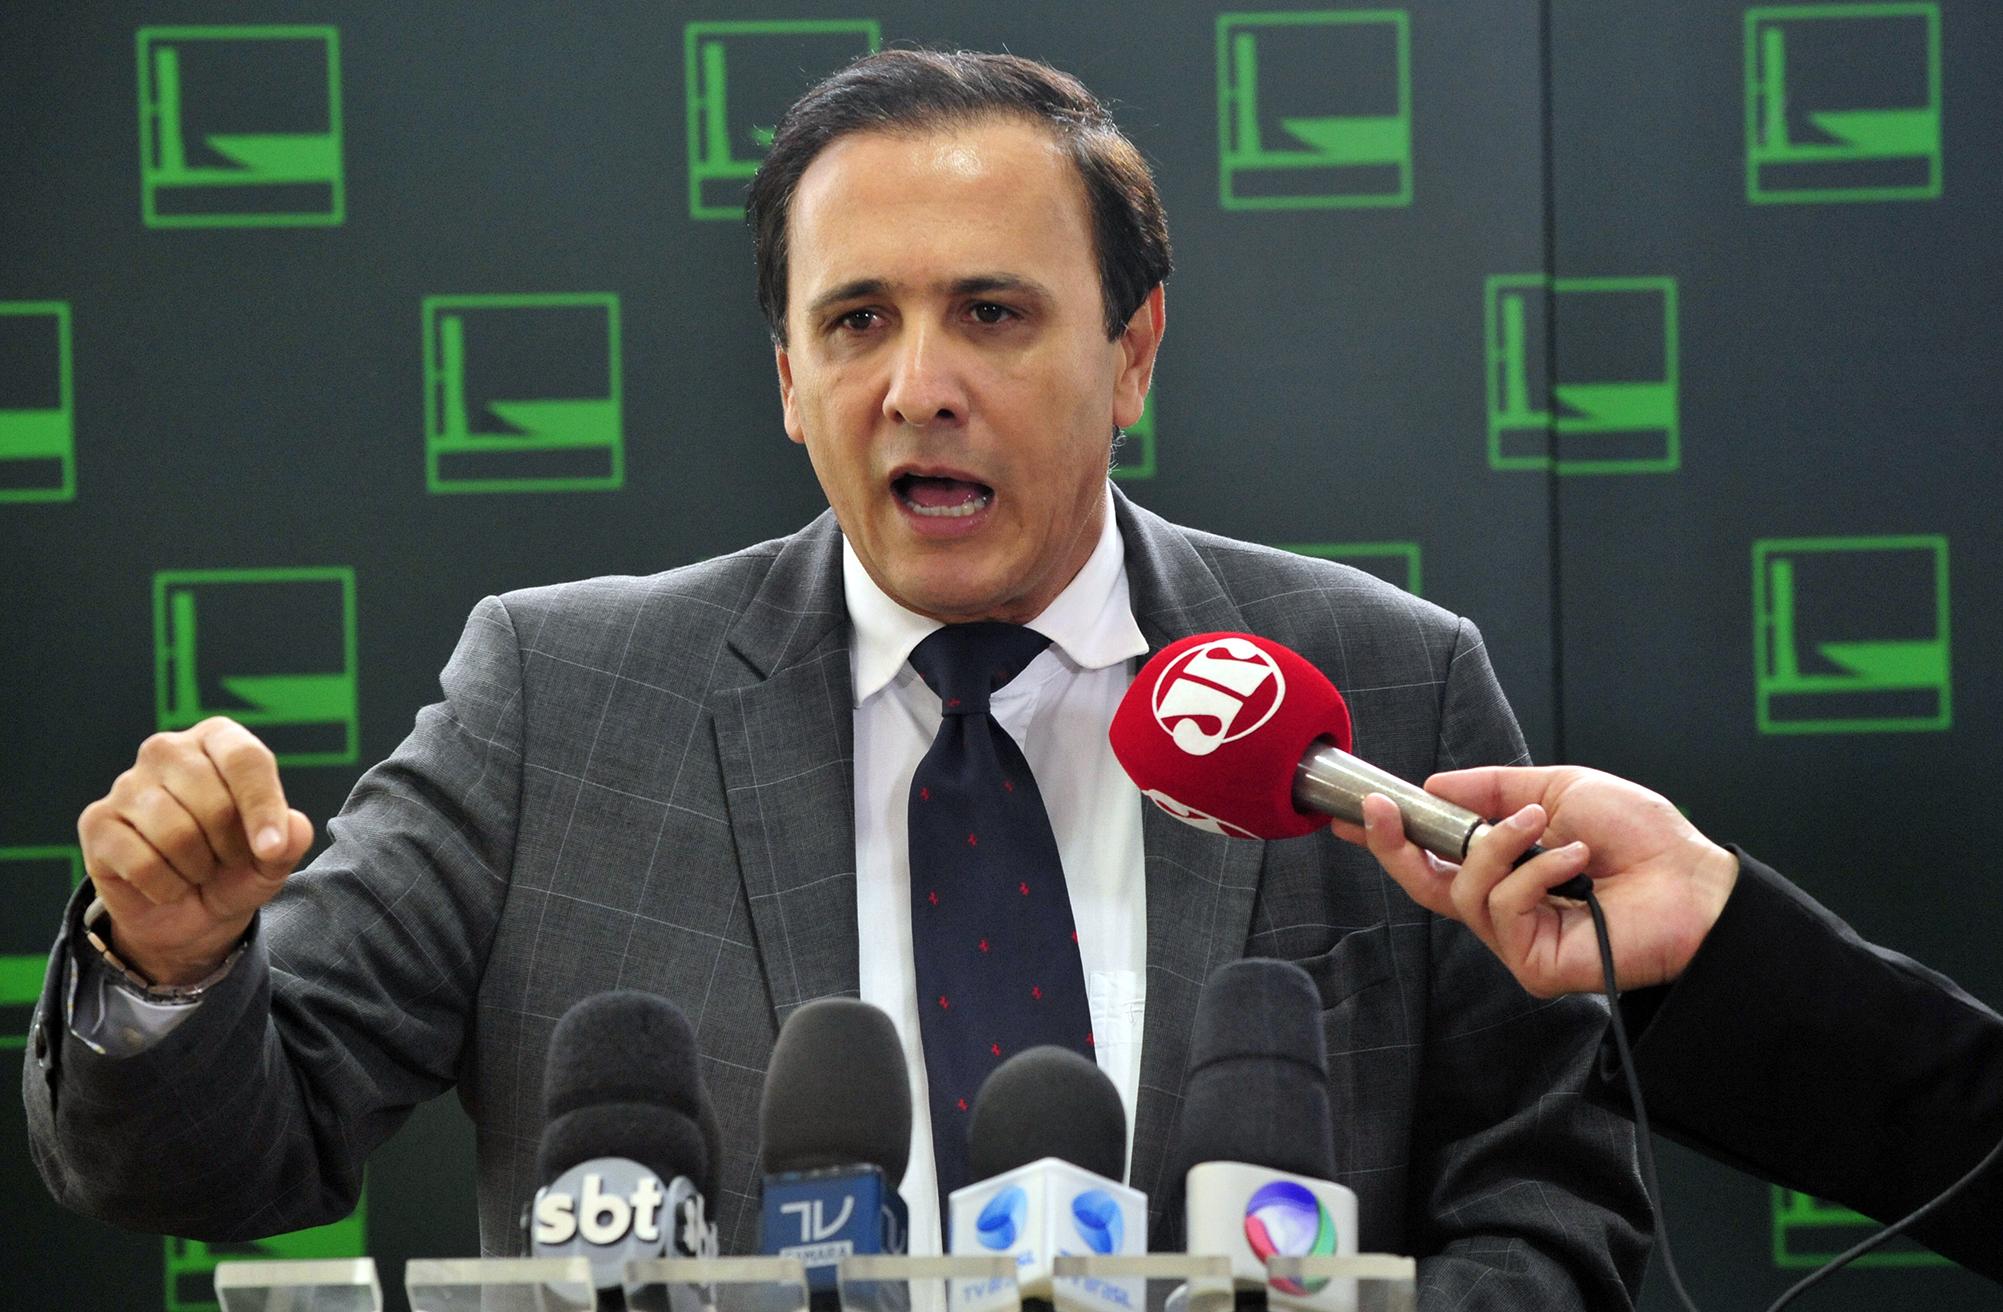 Coletiva de Imprensa no Salão verde com dep. Carlos Henrique Gaguim (PTN/TO) sobre sua candidatura a presidência da Camara dos Deputados